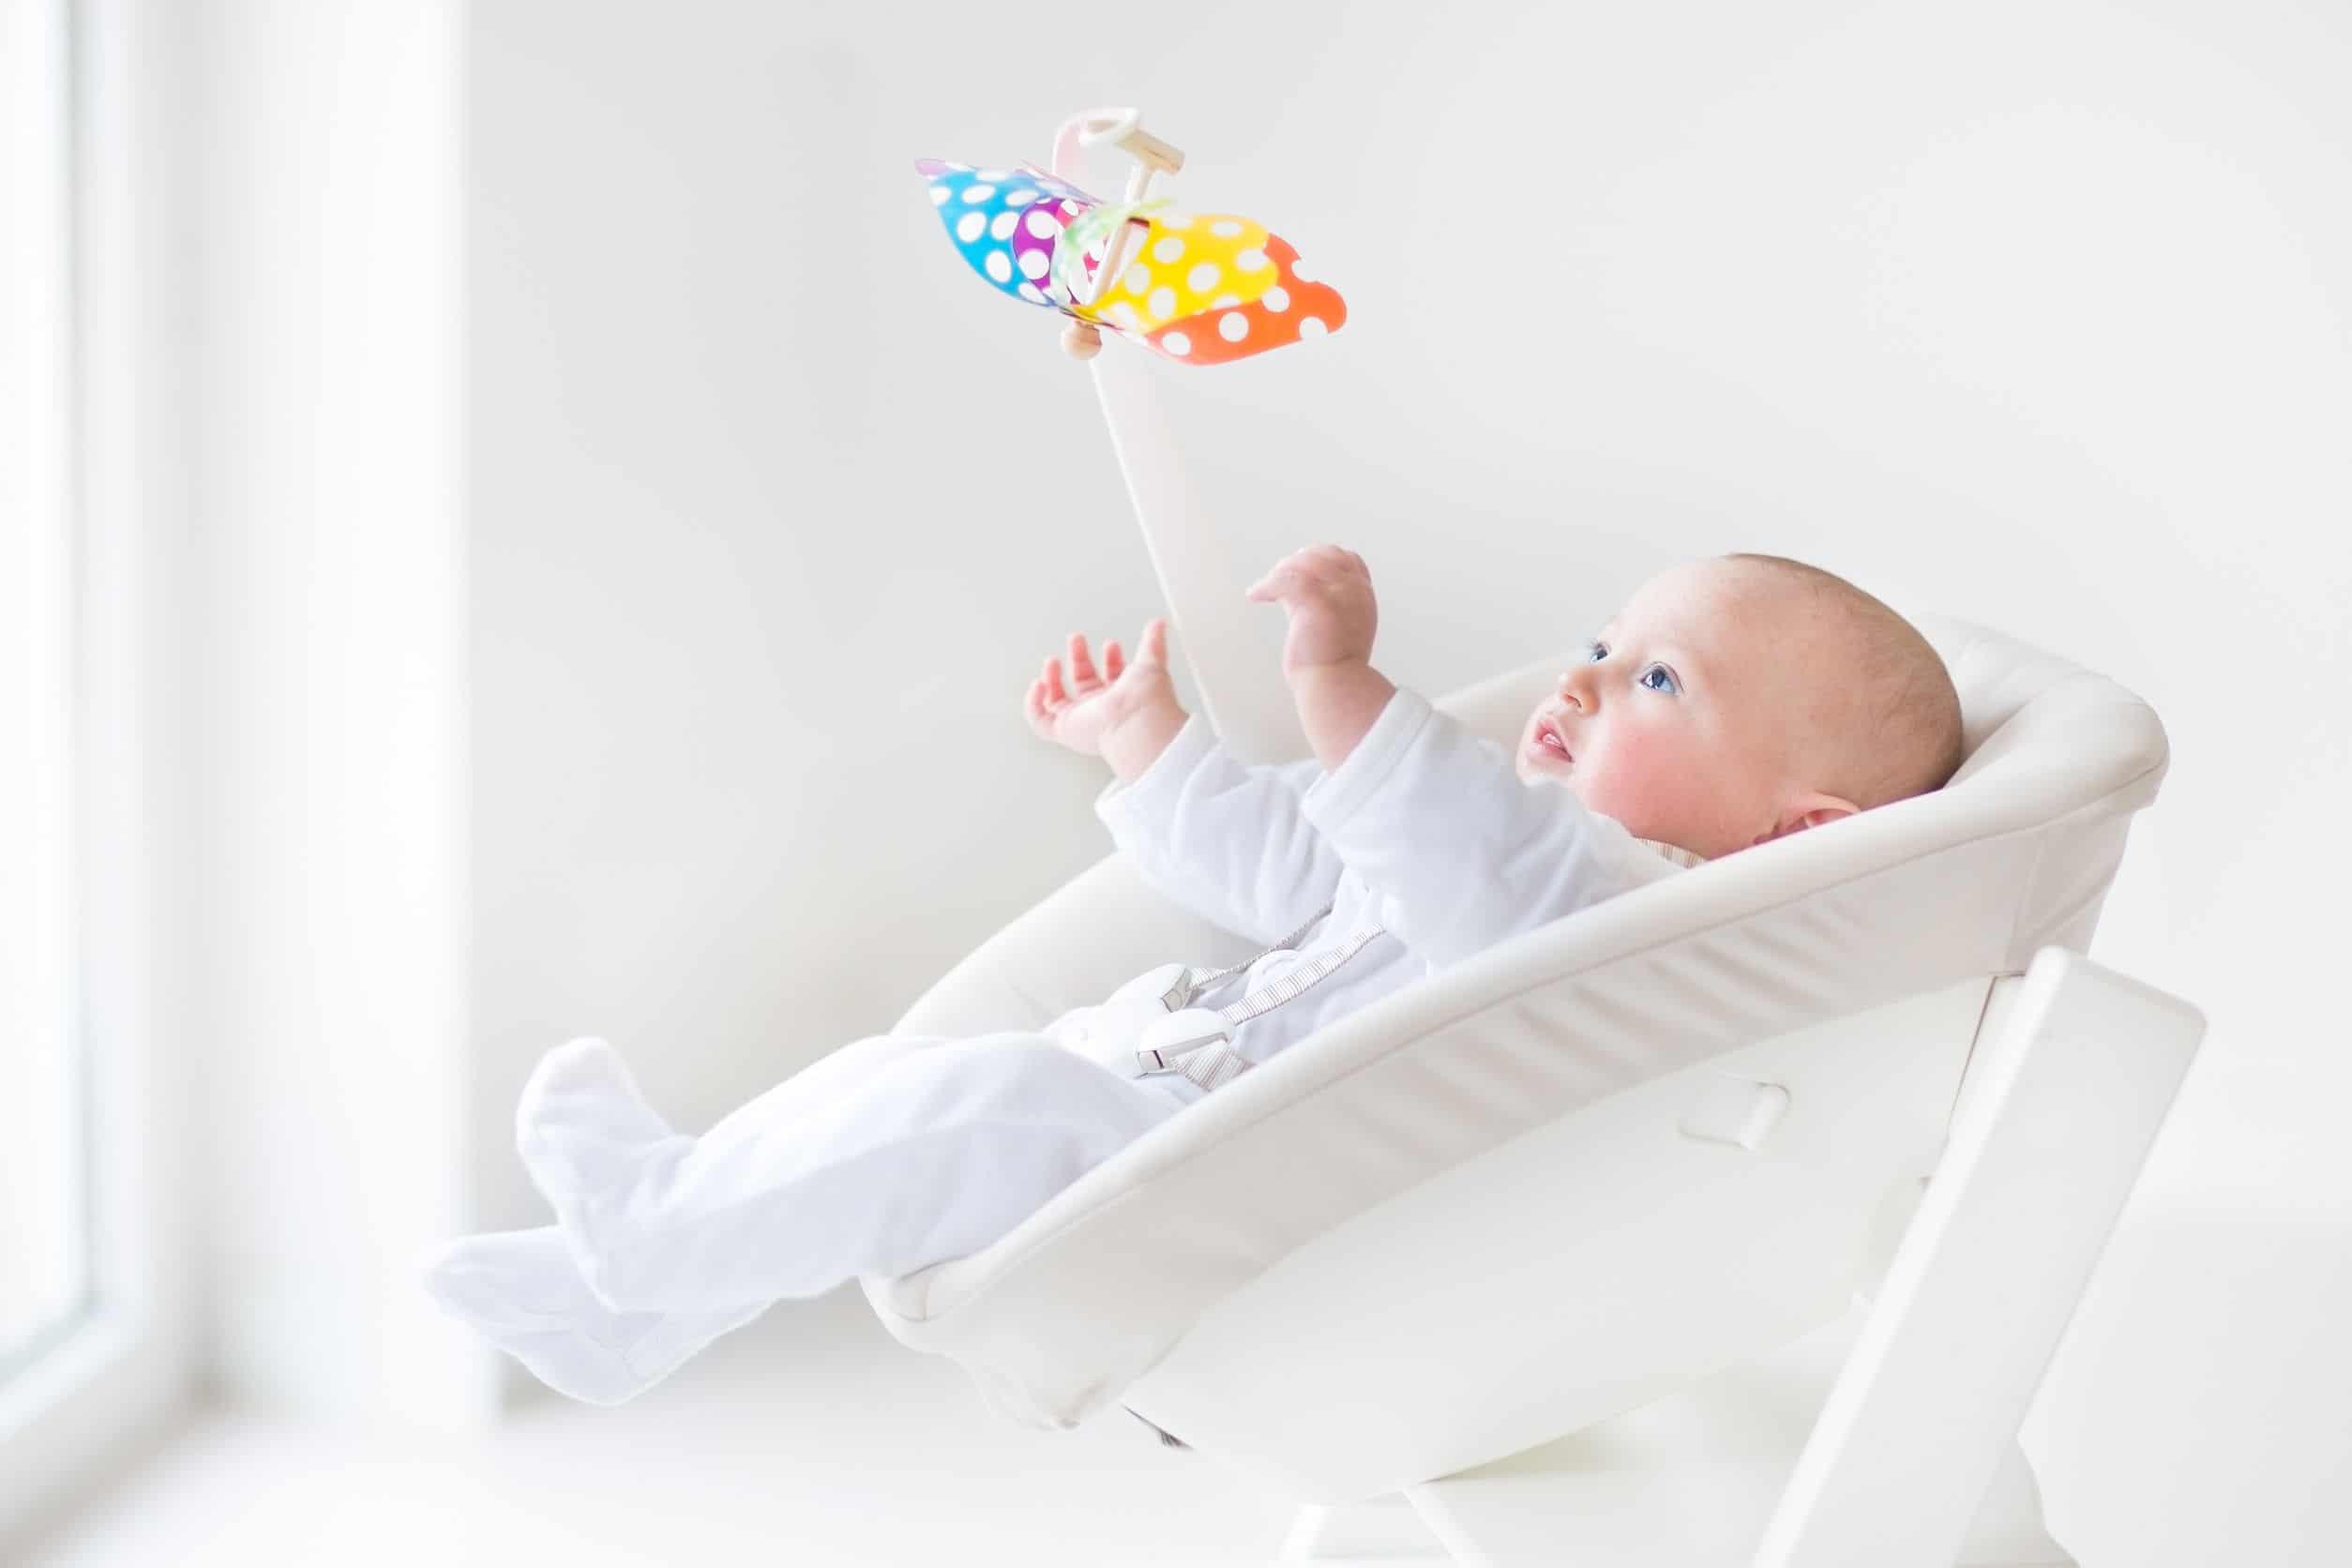 Elektrische babyschakel test 2019 die besten babywippen im vergleich